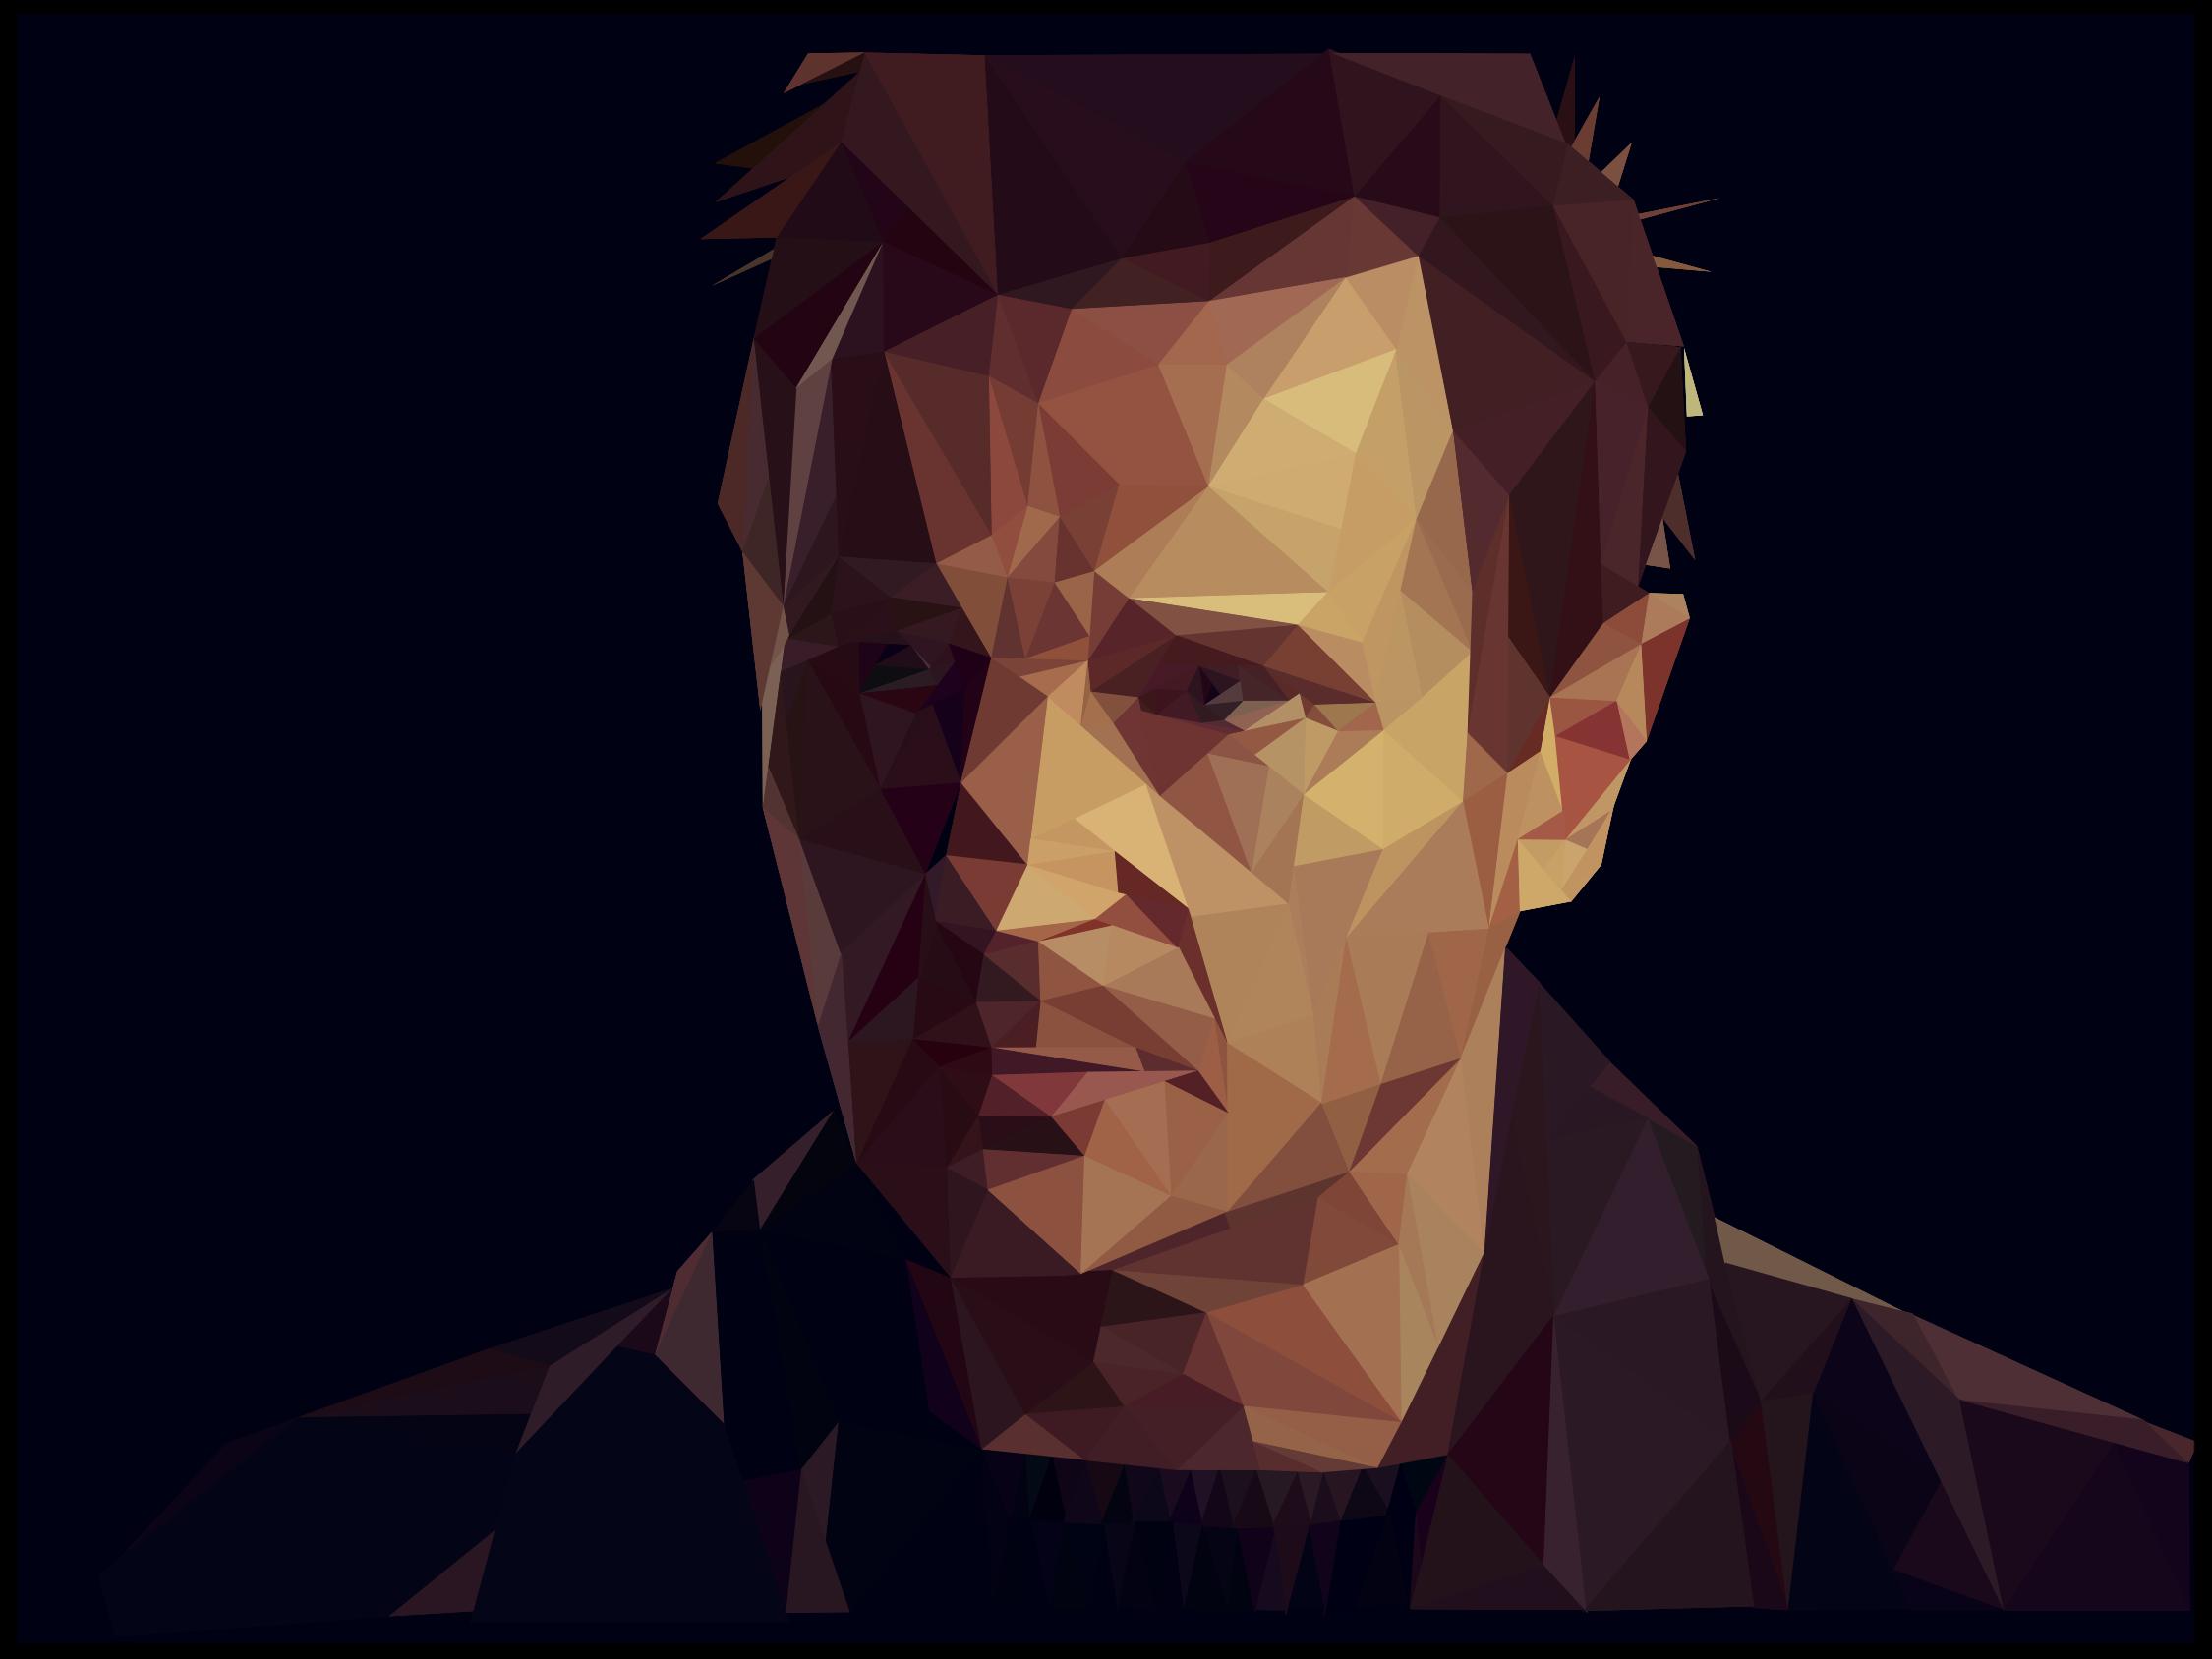 thought hand vector style portr - micah_denn | ello